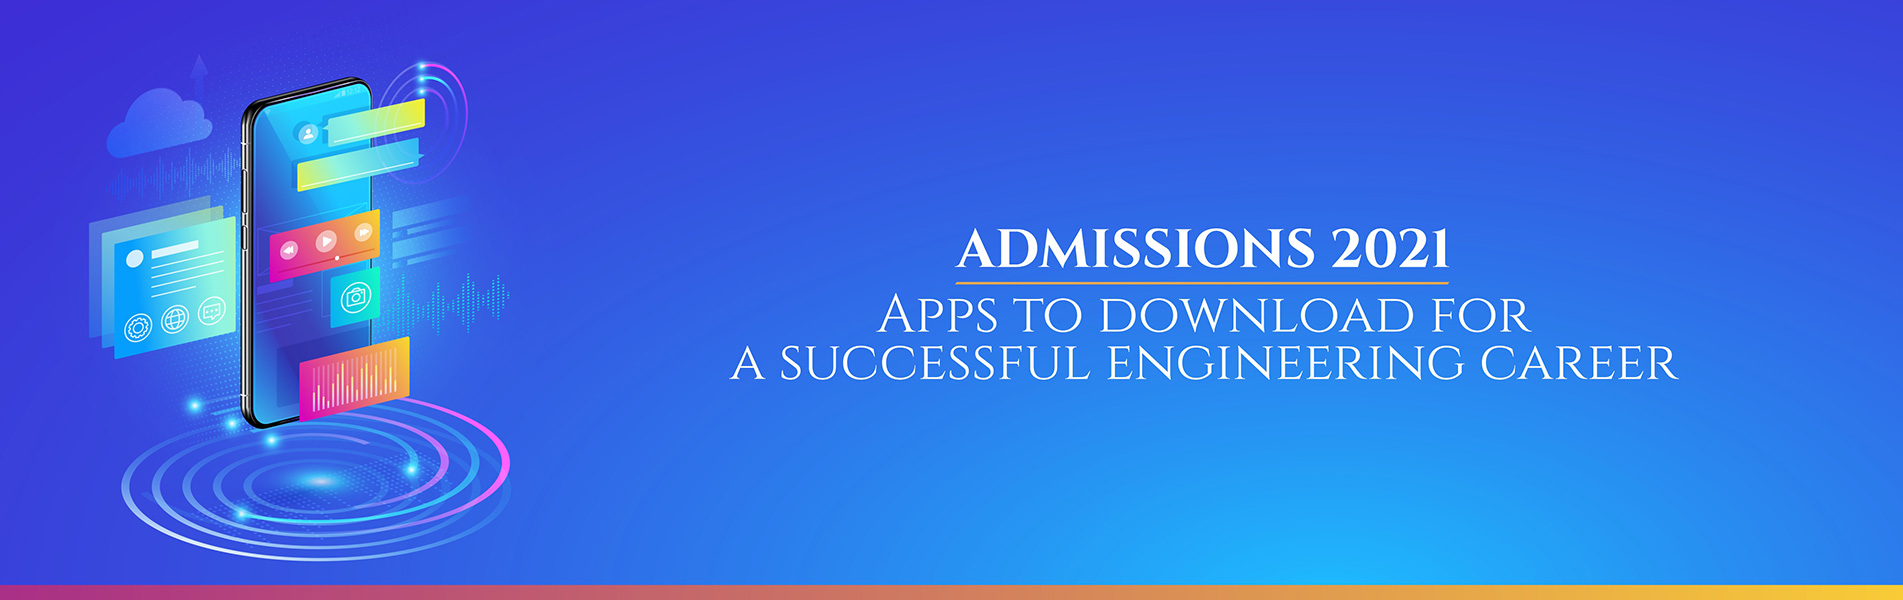 Admissions 2021, engineering career